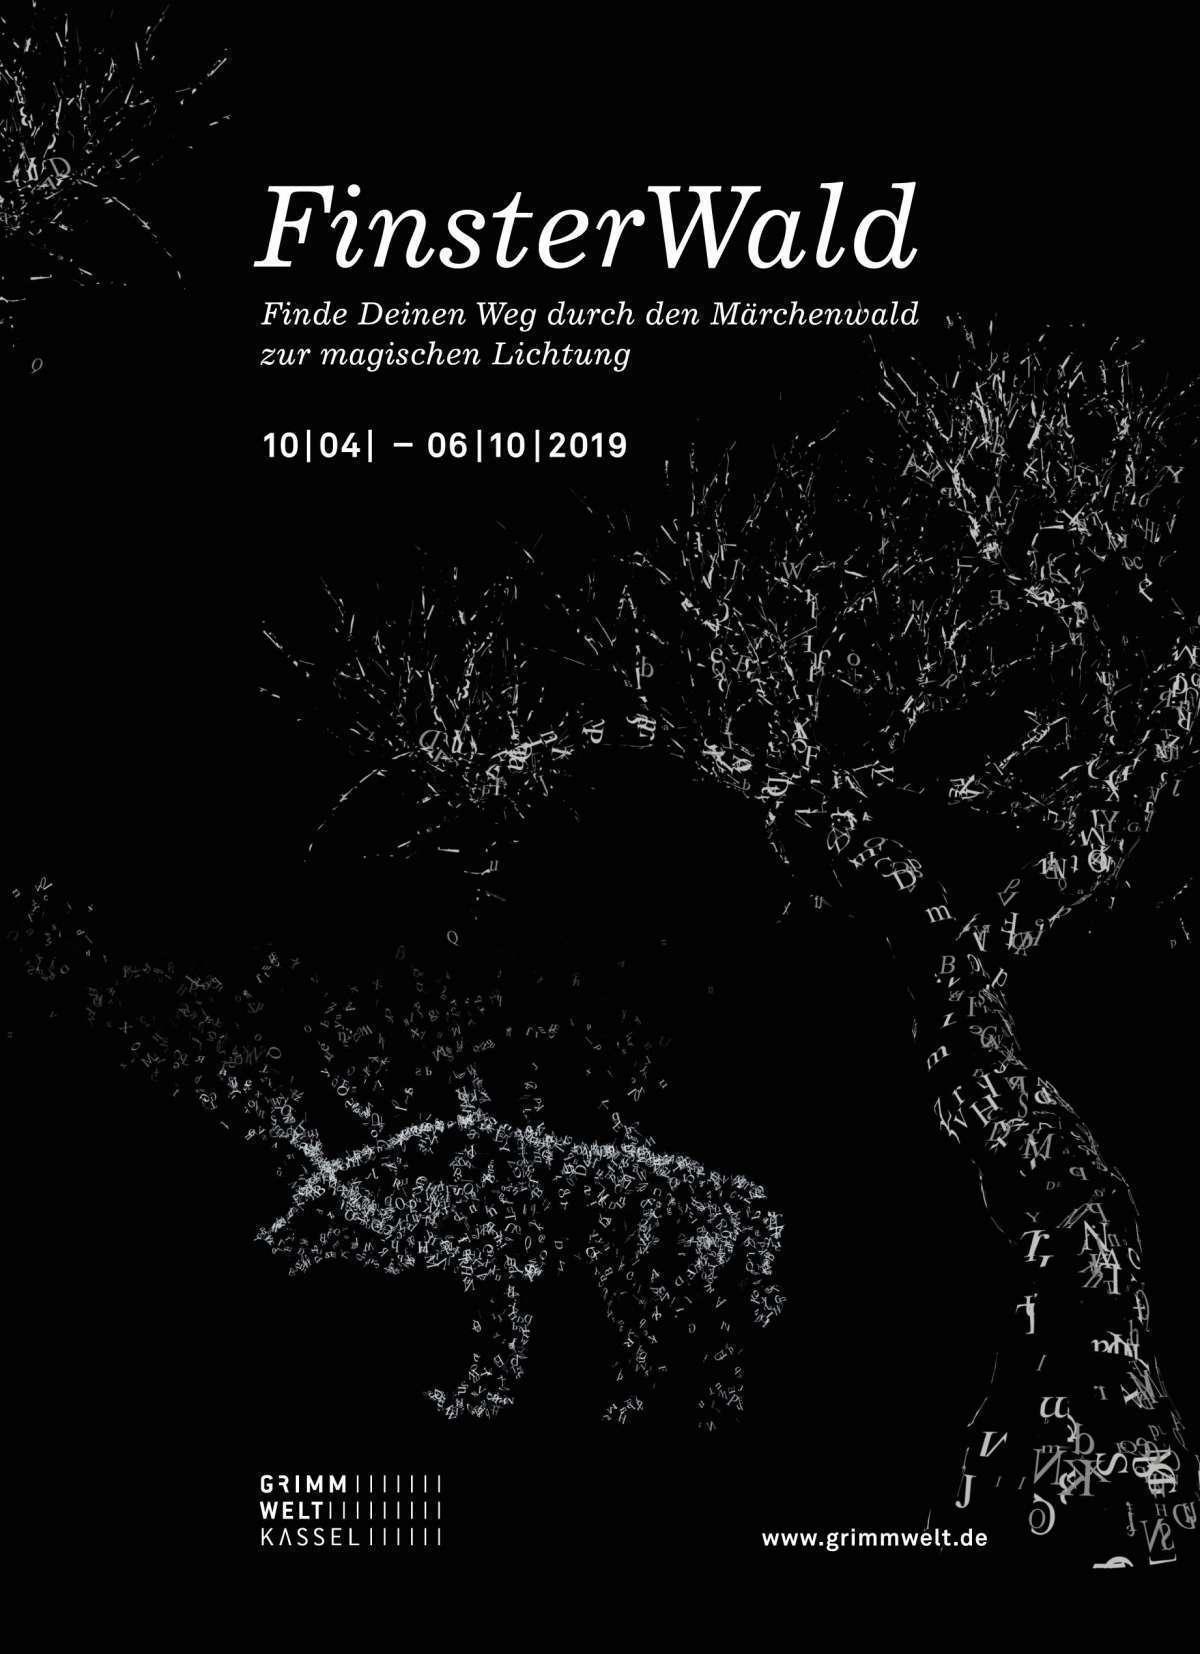 Veranstaltungen & Events am »Dienstag, 24. September 2019« in deiner Nähe...